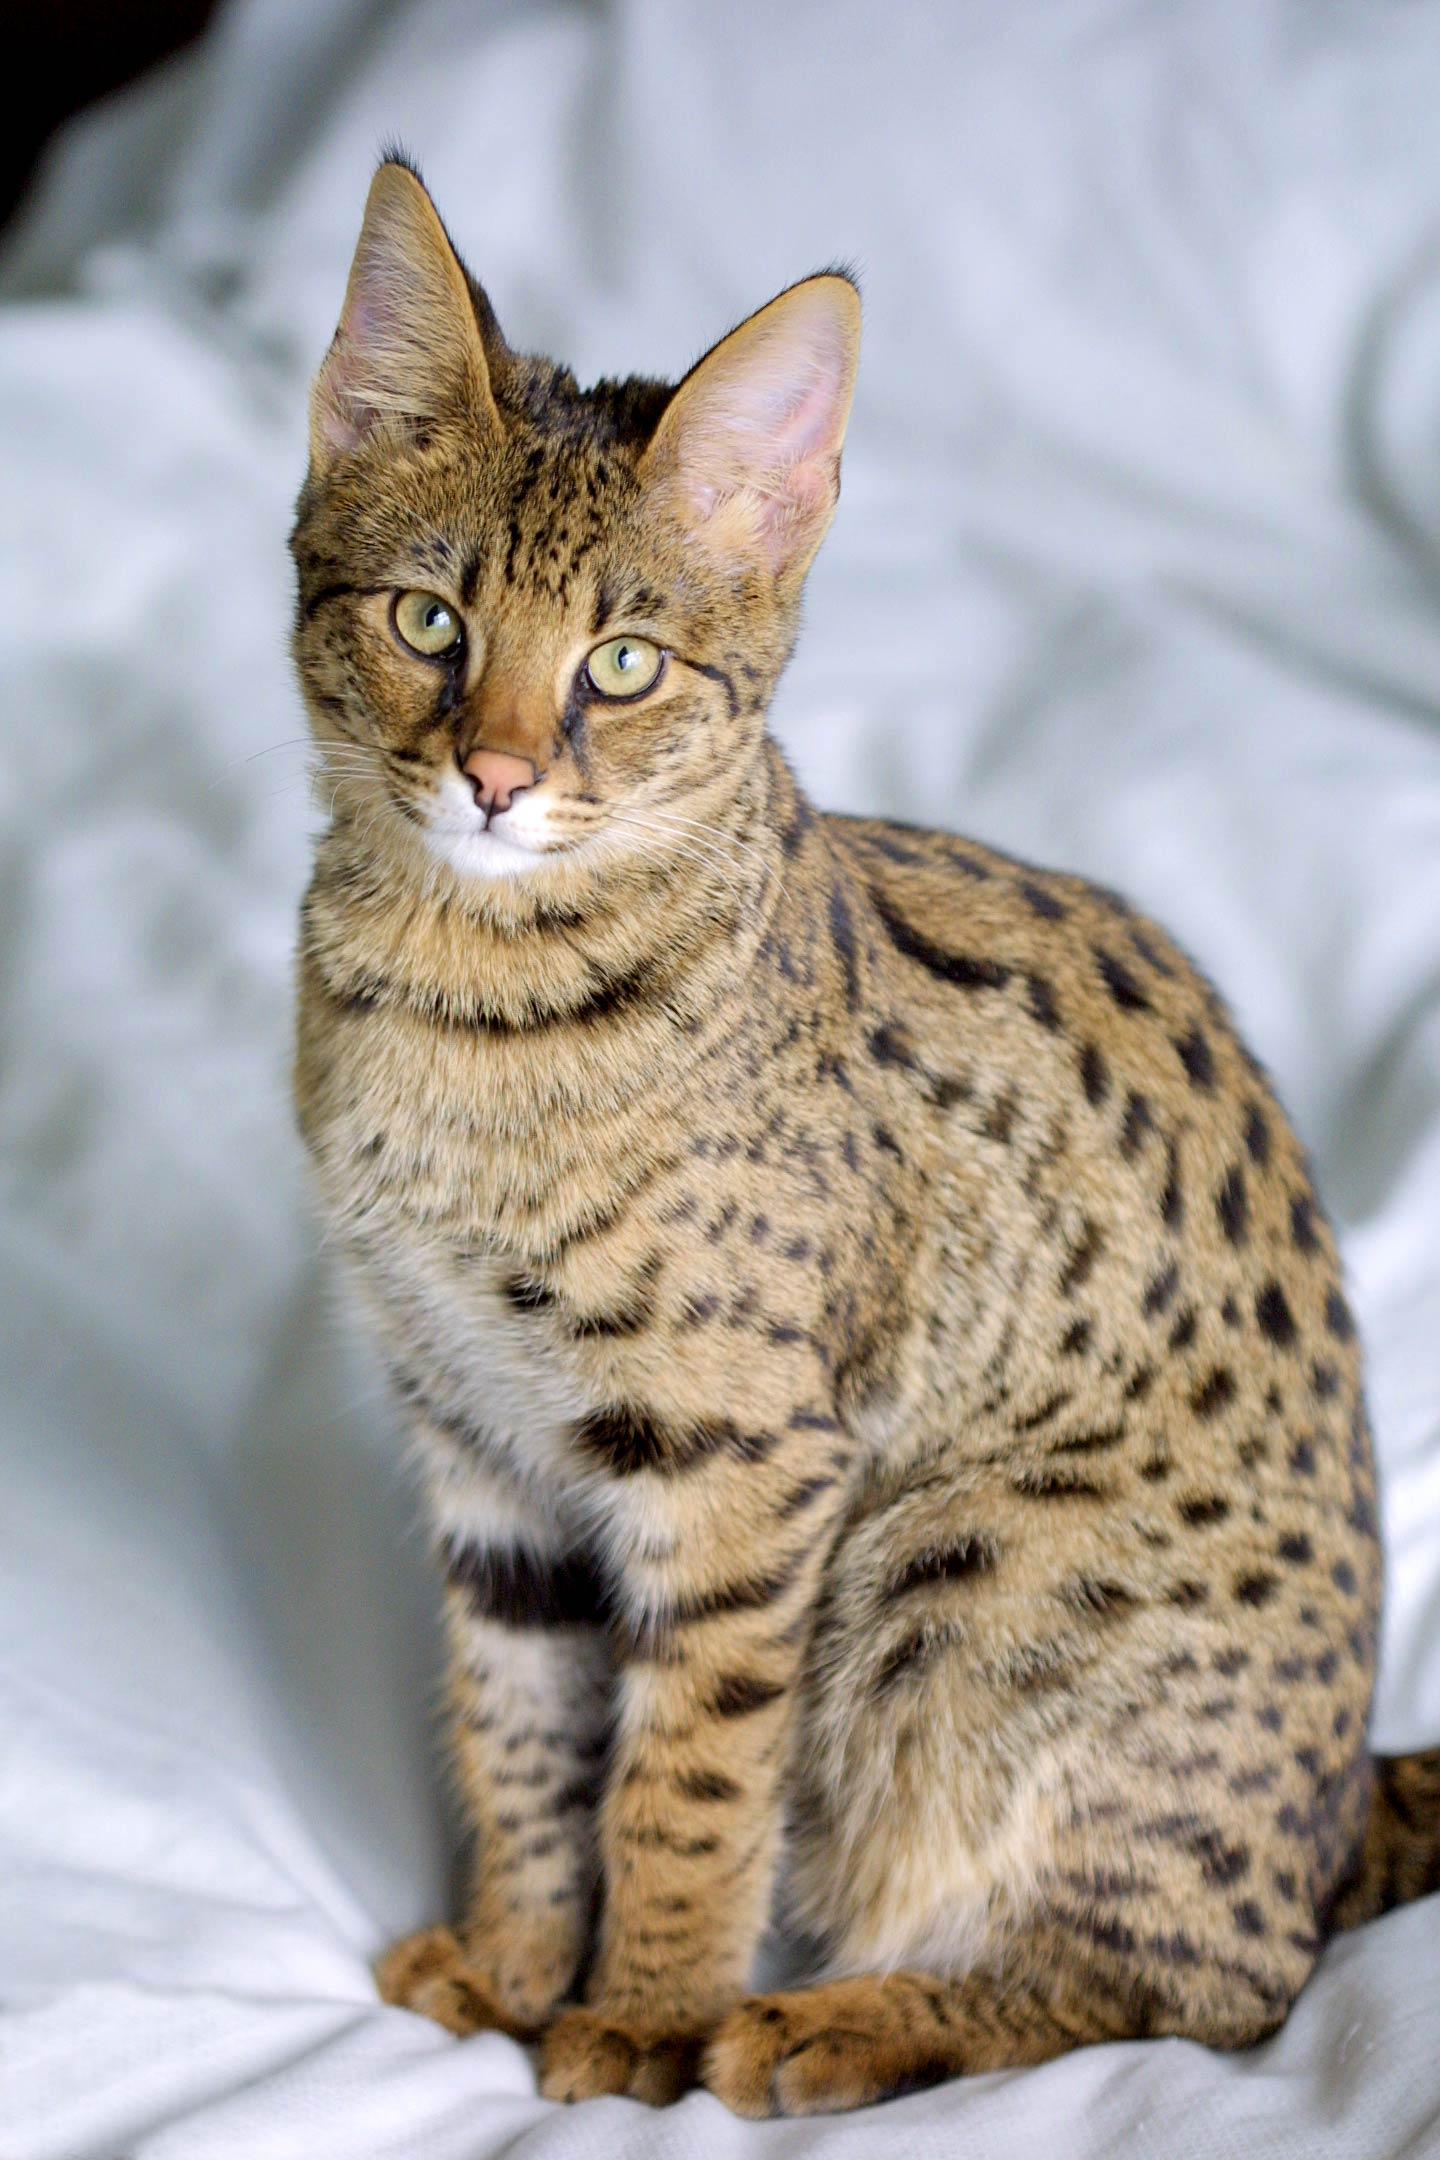 Savannah Katzen - Jason Douglas gemeinfrei via wikimedia